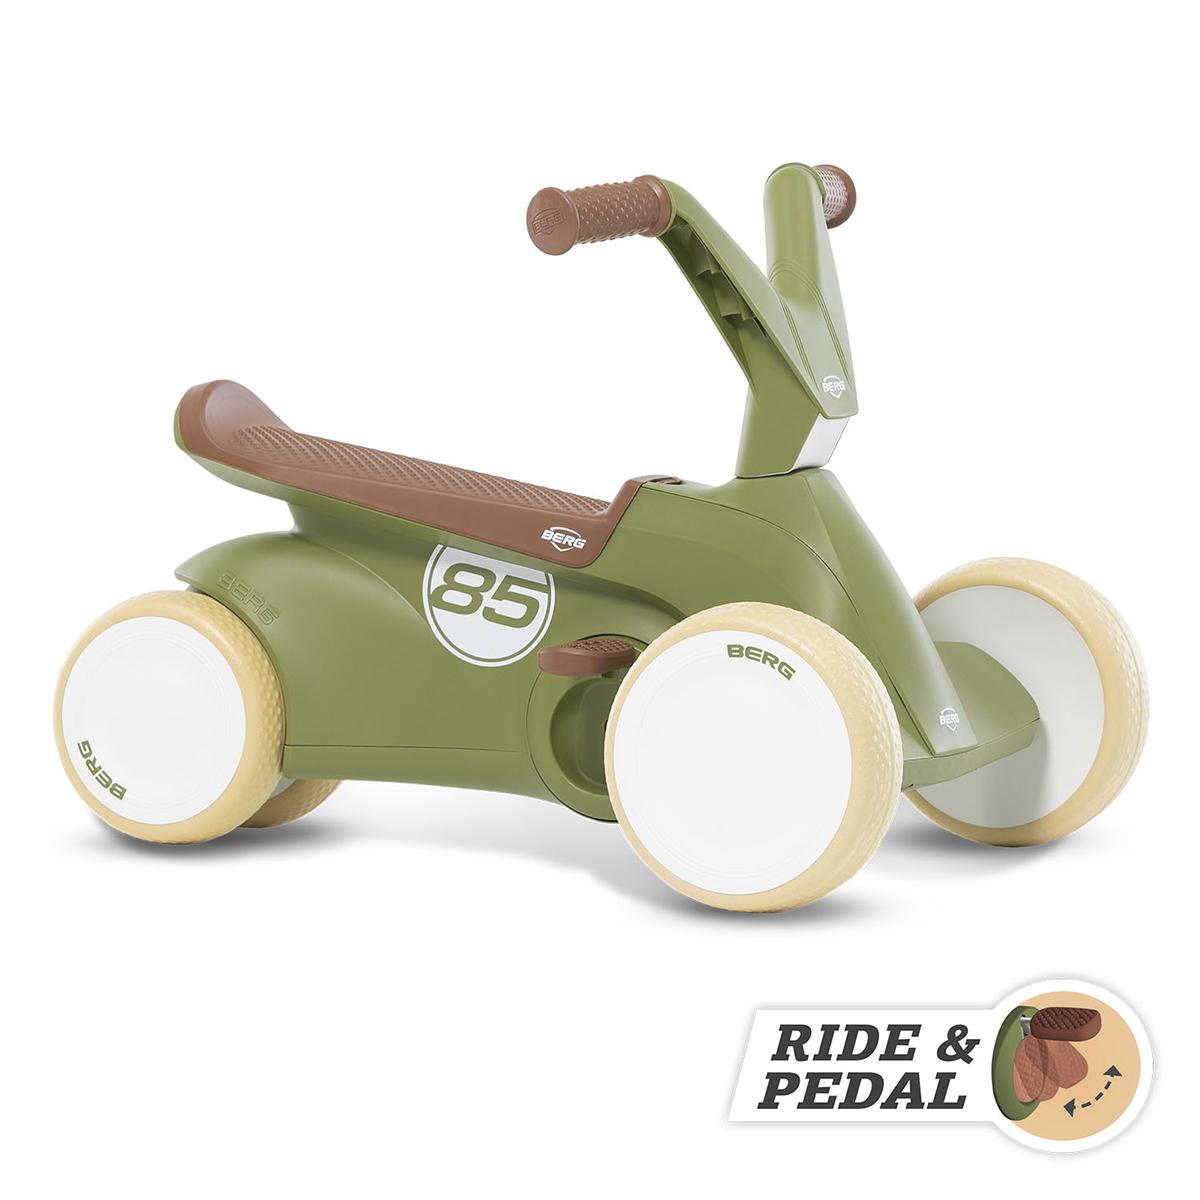 BERG_GO2_Retro_Green_right_slanted_pedal_open